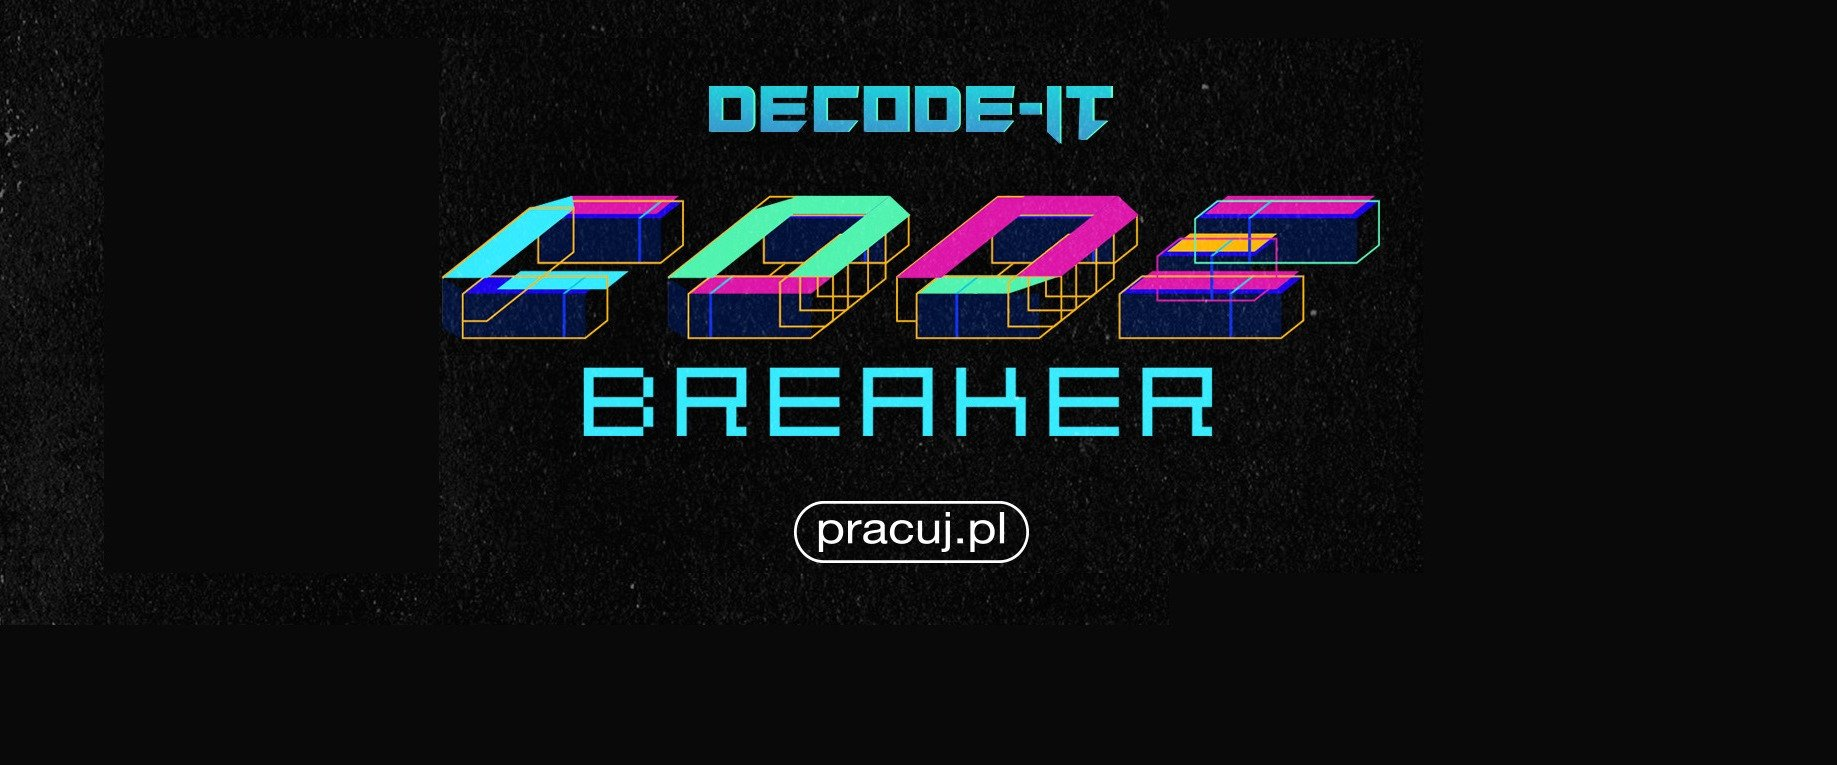 Decode IT 2.0. Wyzwanie dla koderów od Pracuj.pl